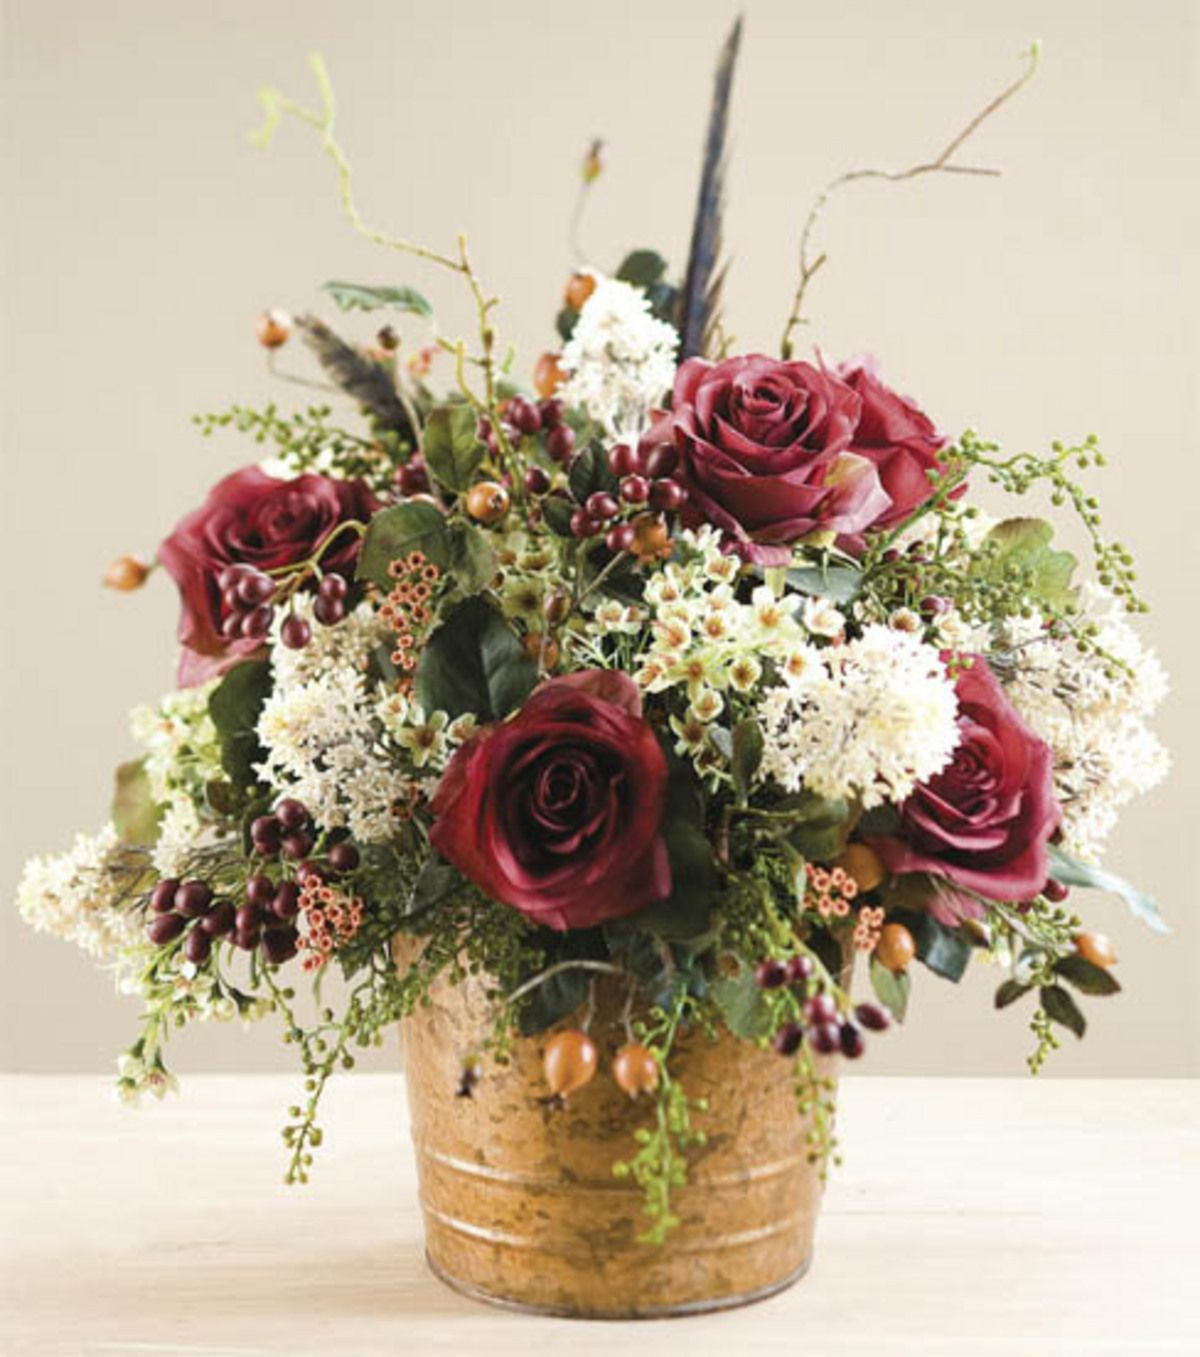 Wedding Flower Centerpieces Online: Rose Wedding Centerpiece & Gold Centerpiece